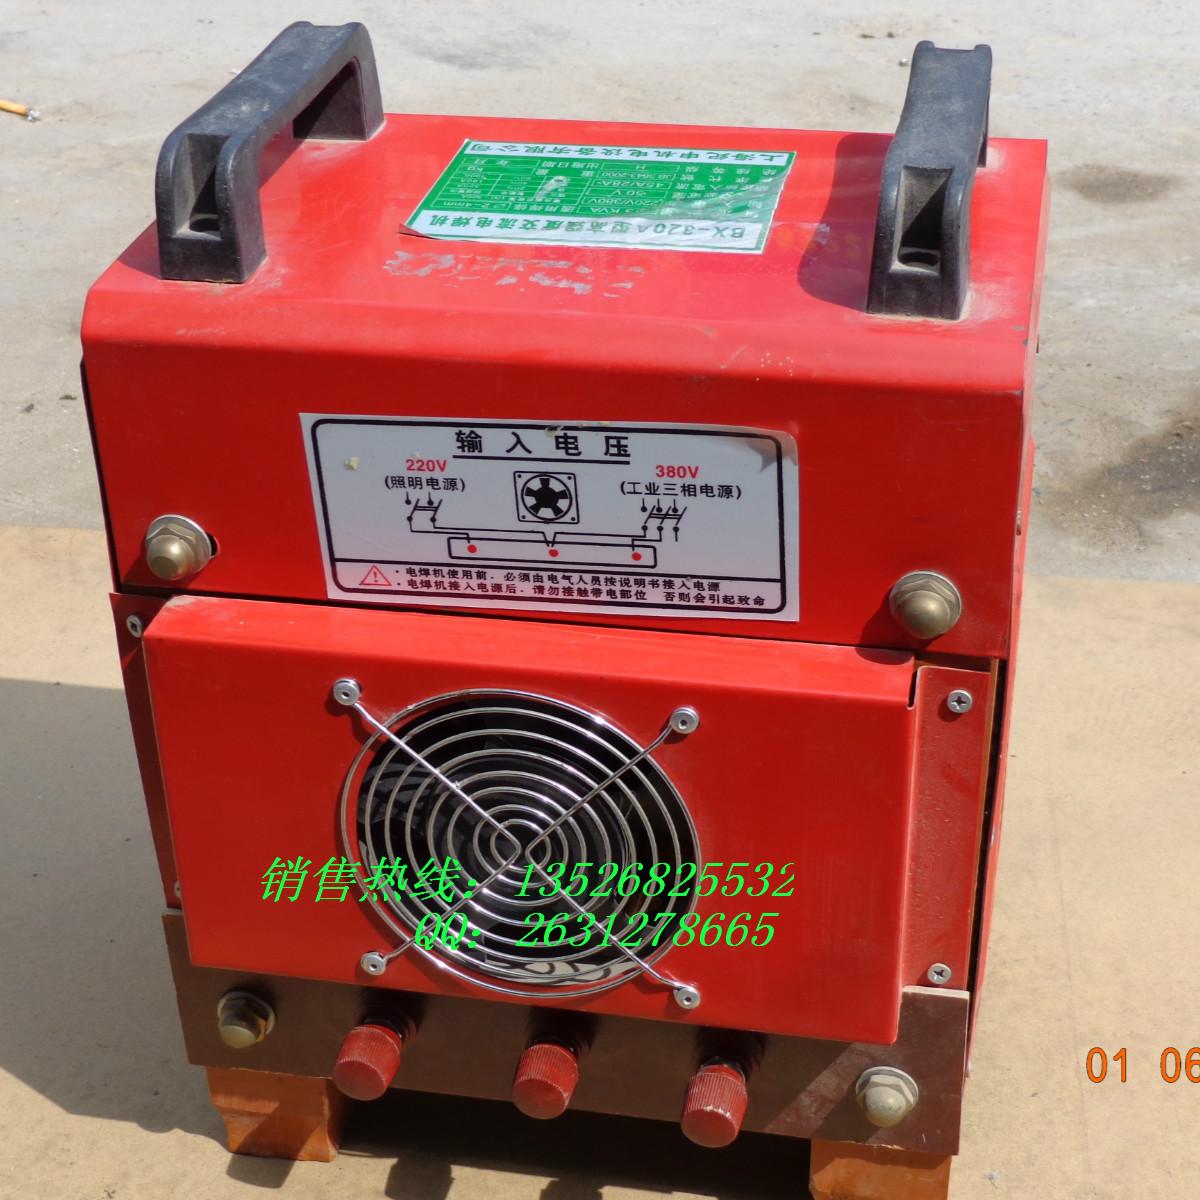 交流电焊机 BX320A高强度交流电焊机 手提电焊机 家用电焊机 阿里巴图片